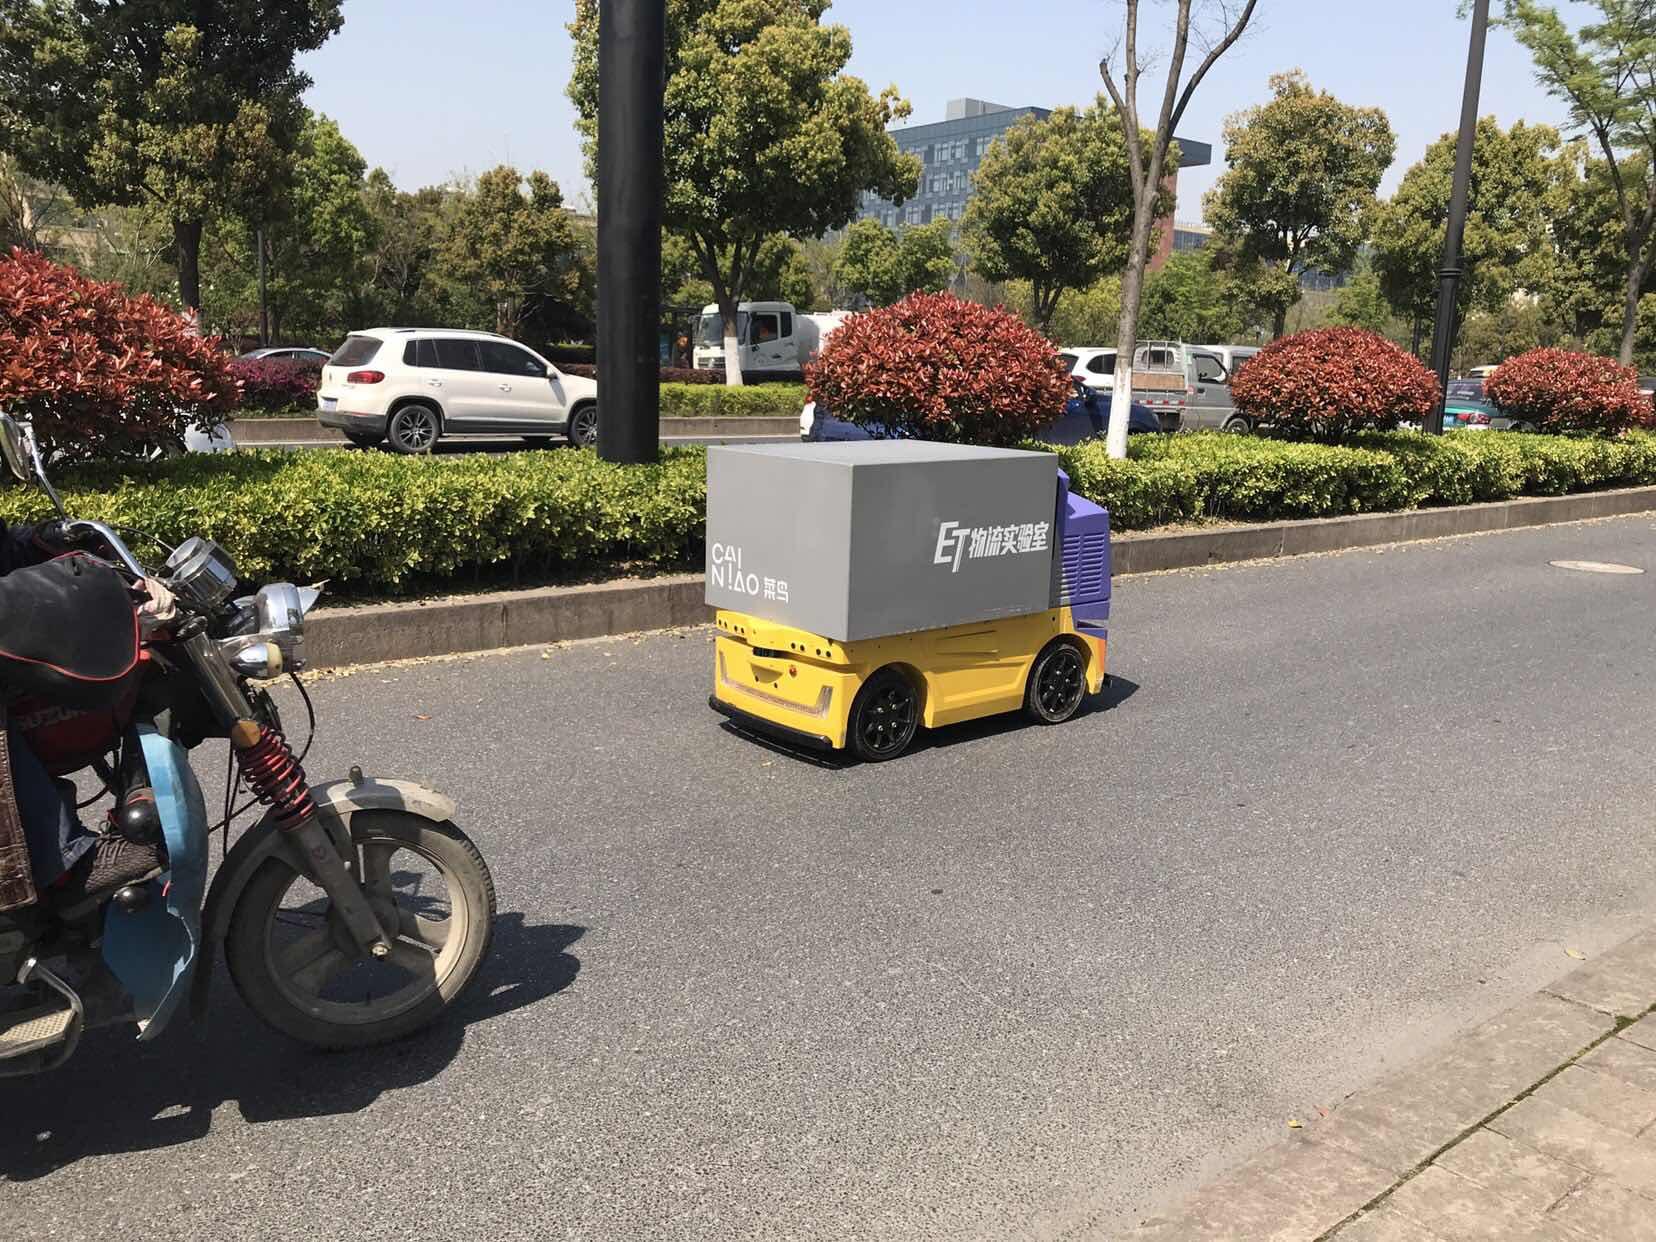 菜鸟配送机器人要商用!下一步是无人卡车